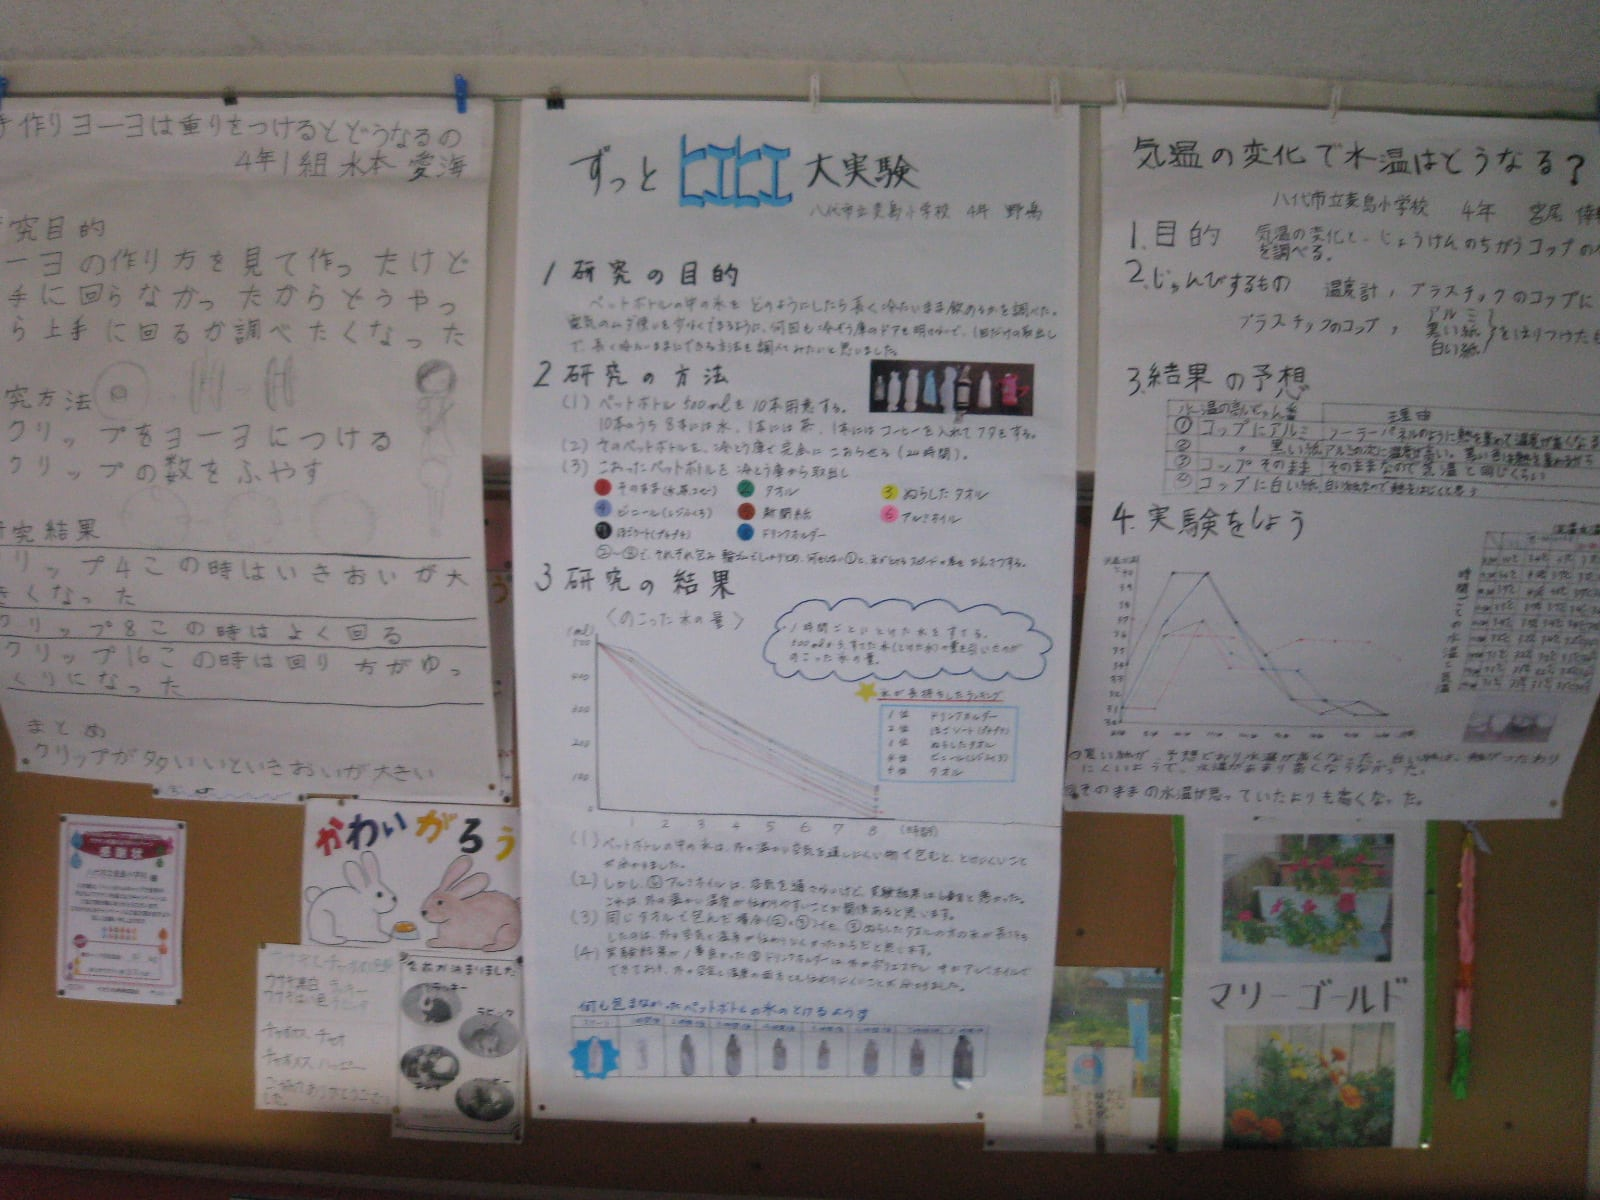 自由研究 - 八代市立麦島小学校公式ブログ